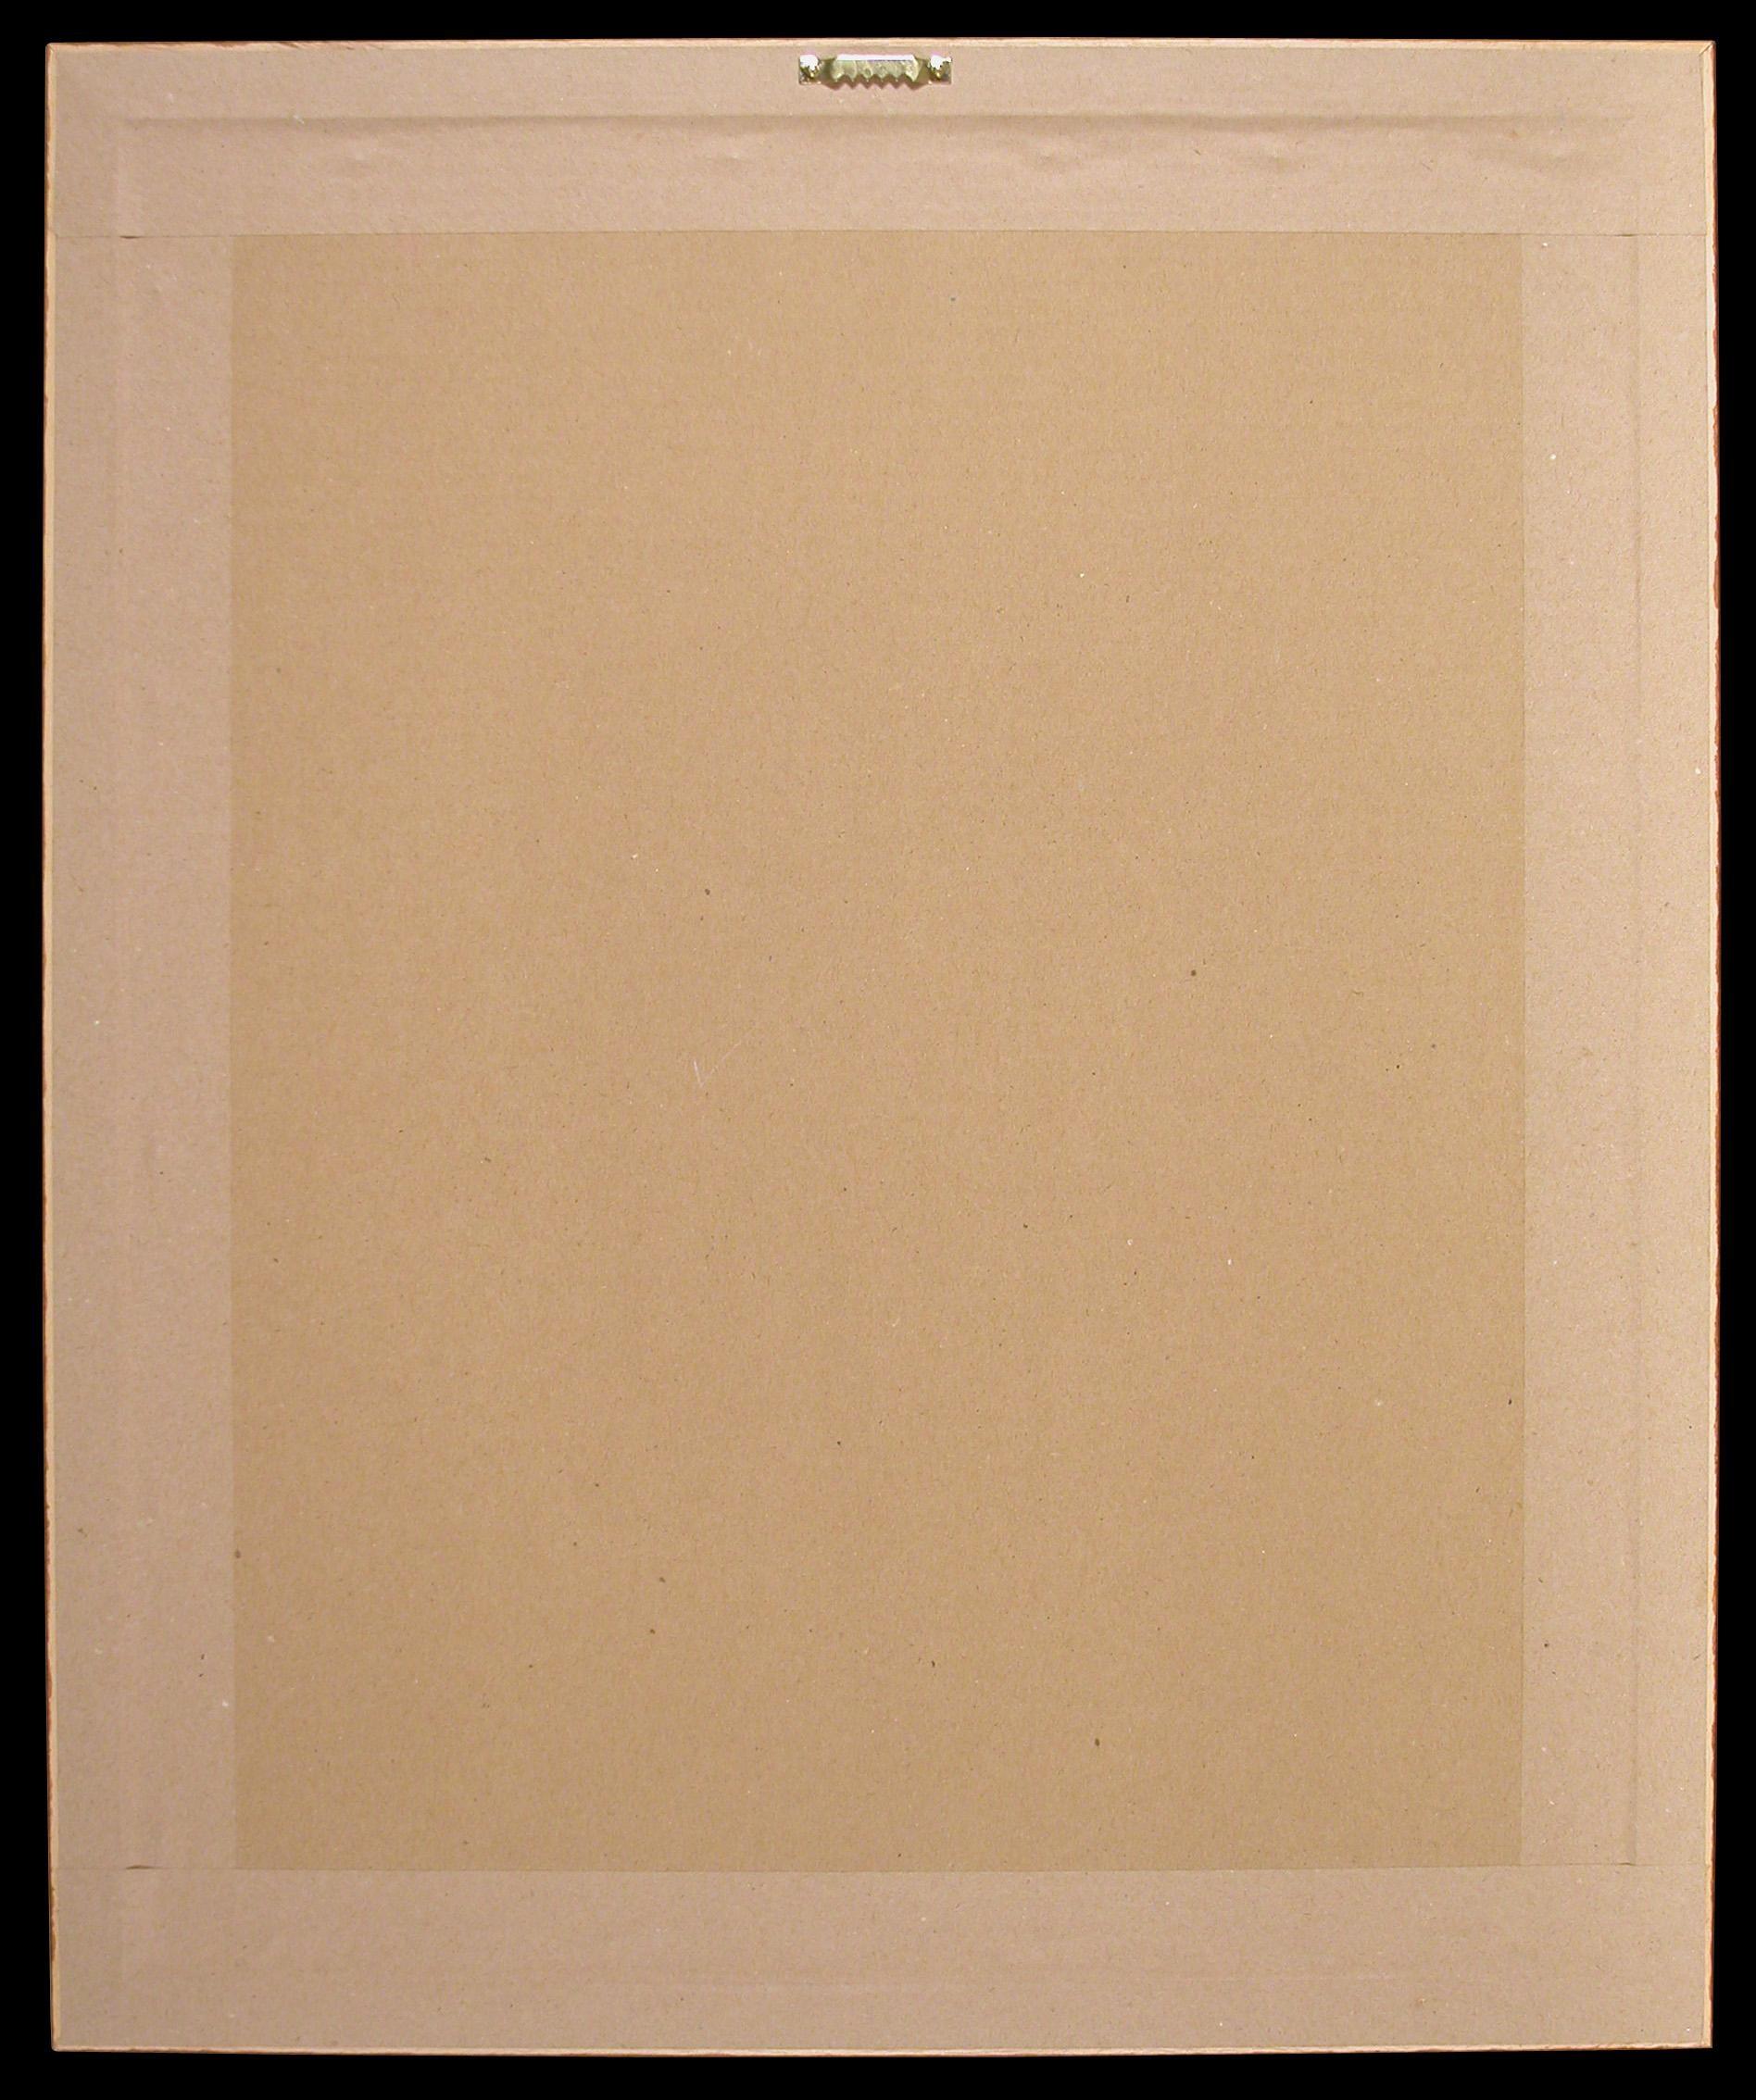 DSCN0684.JPG (1896×2268)